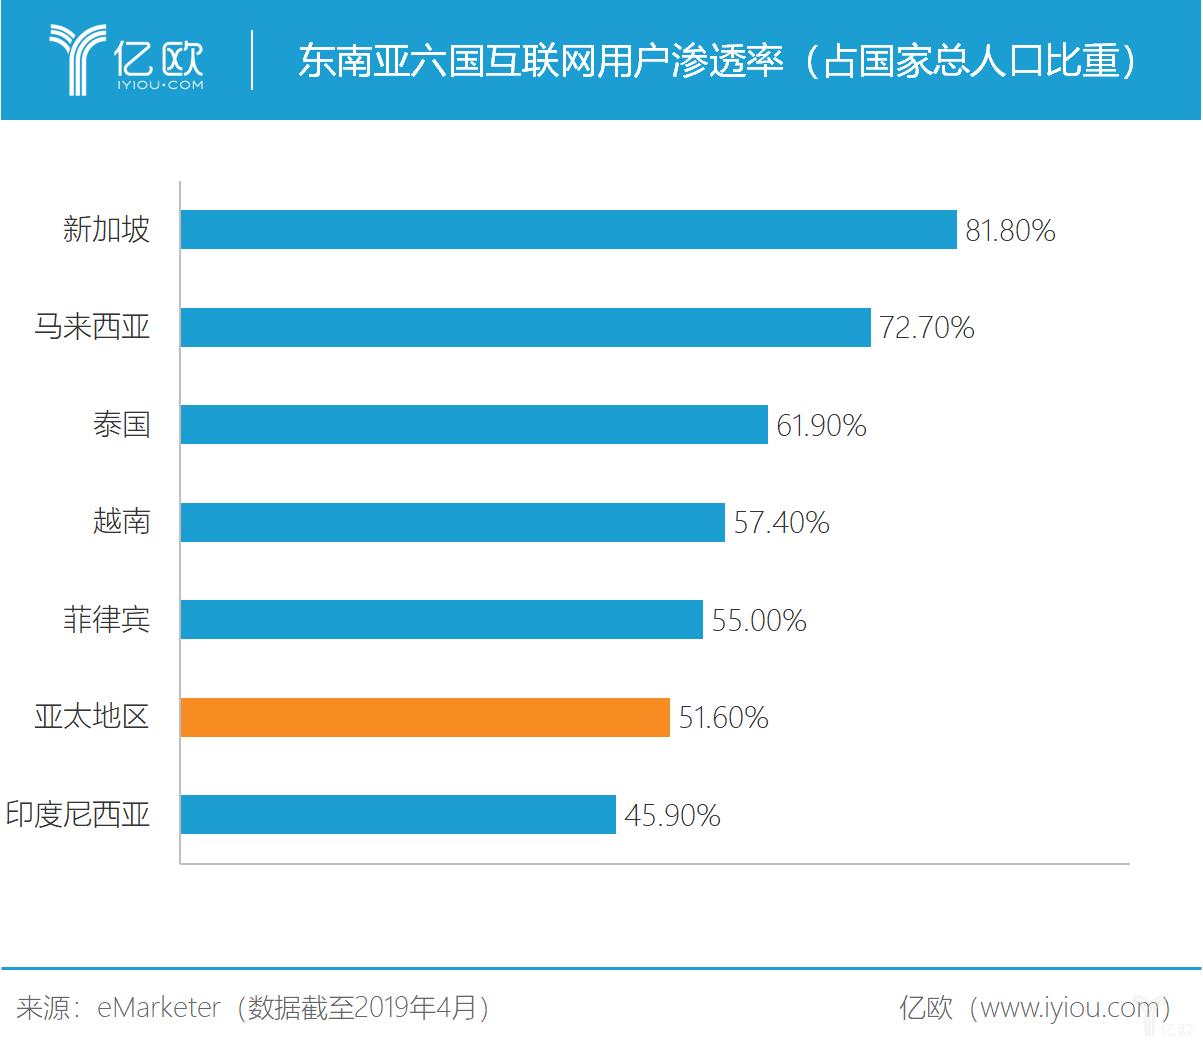 亿欧智库:东南亚六国互联网用户是渗透率(占国家总人口比重)